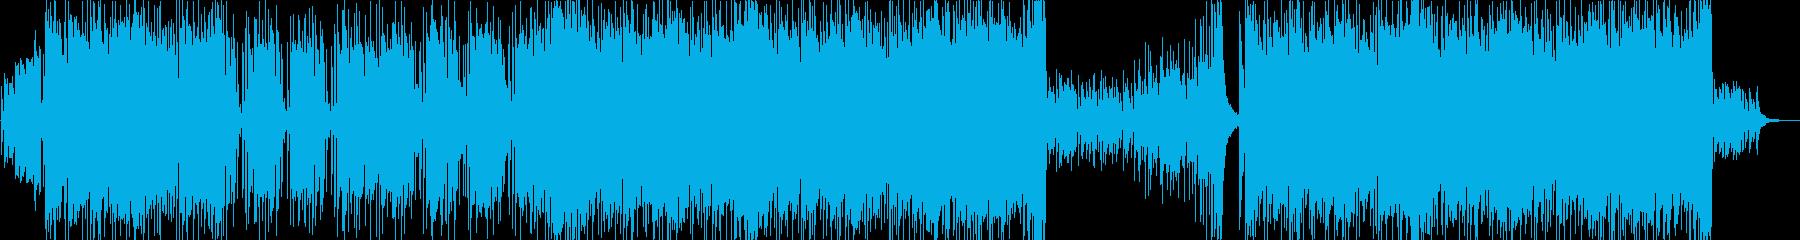 疾走感ある明るいロックポップスの再生済みの波形